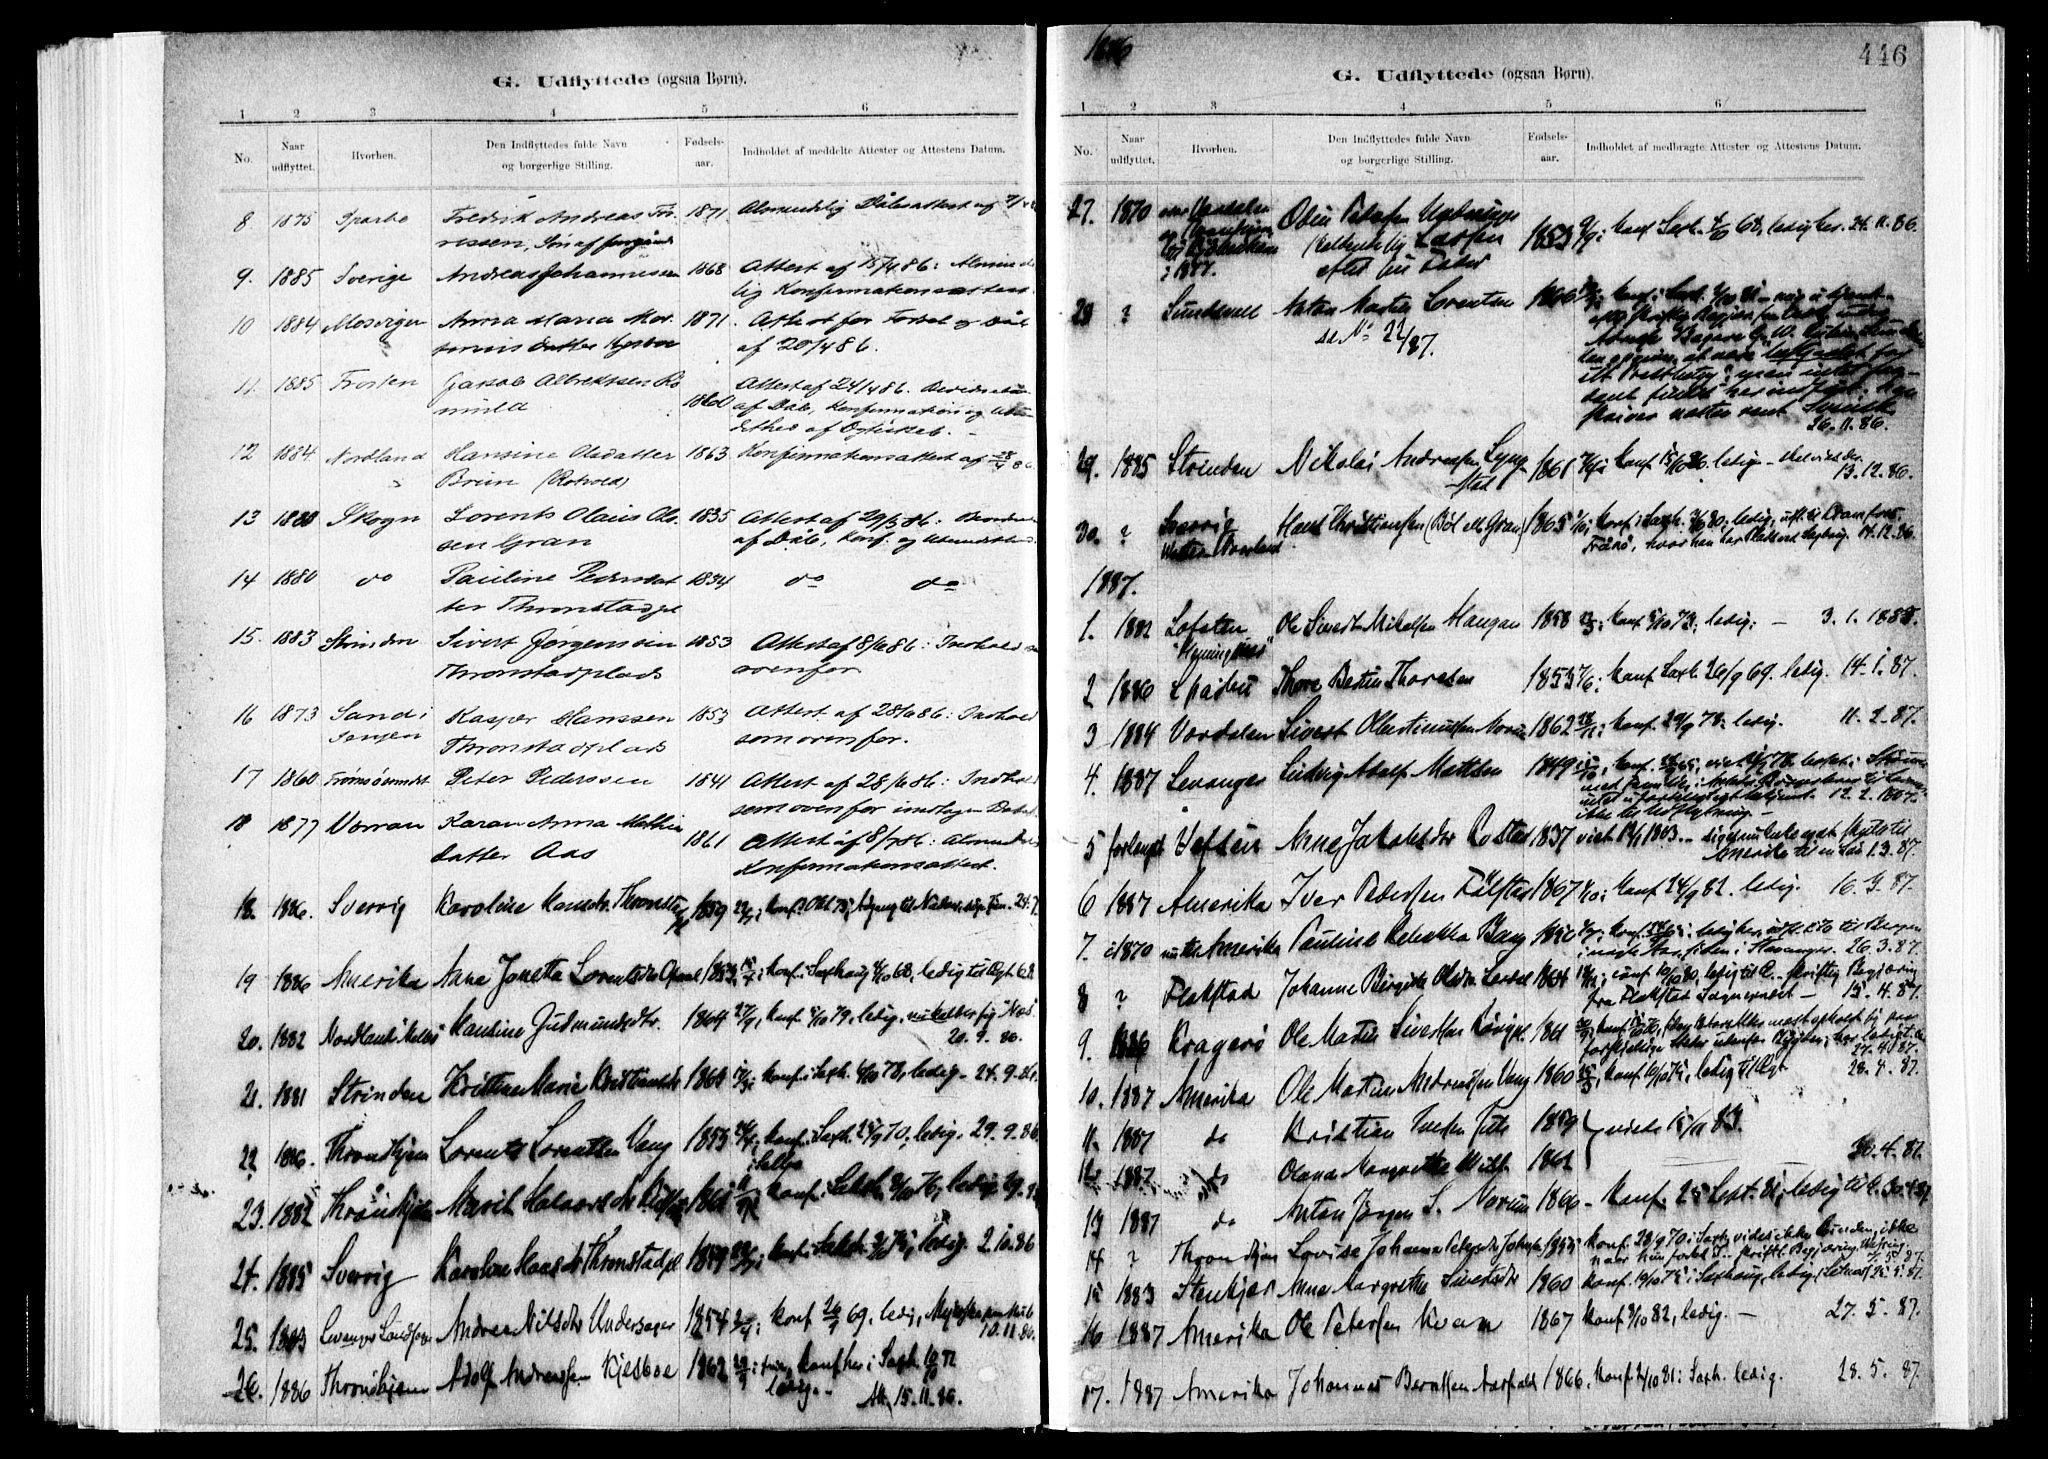 SAT, Ministerialprotokoller, klokkerbøker og fødselsregistre - Nord-Trøndelag, 730/L0285: Ministerialbok nr. 730A10, 1879-1914, s. 446